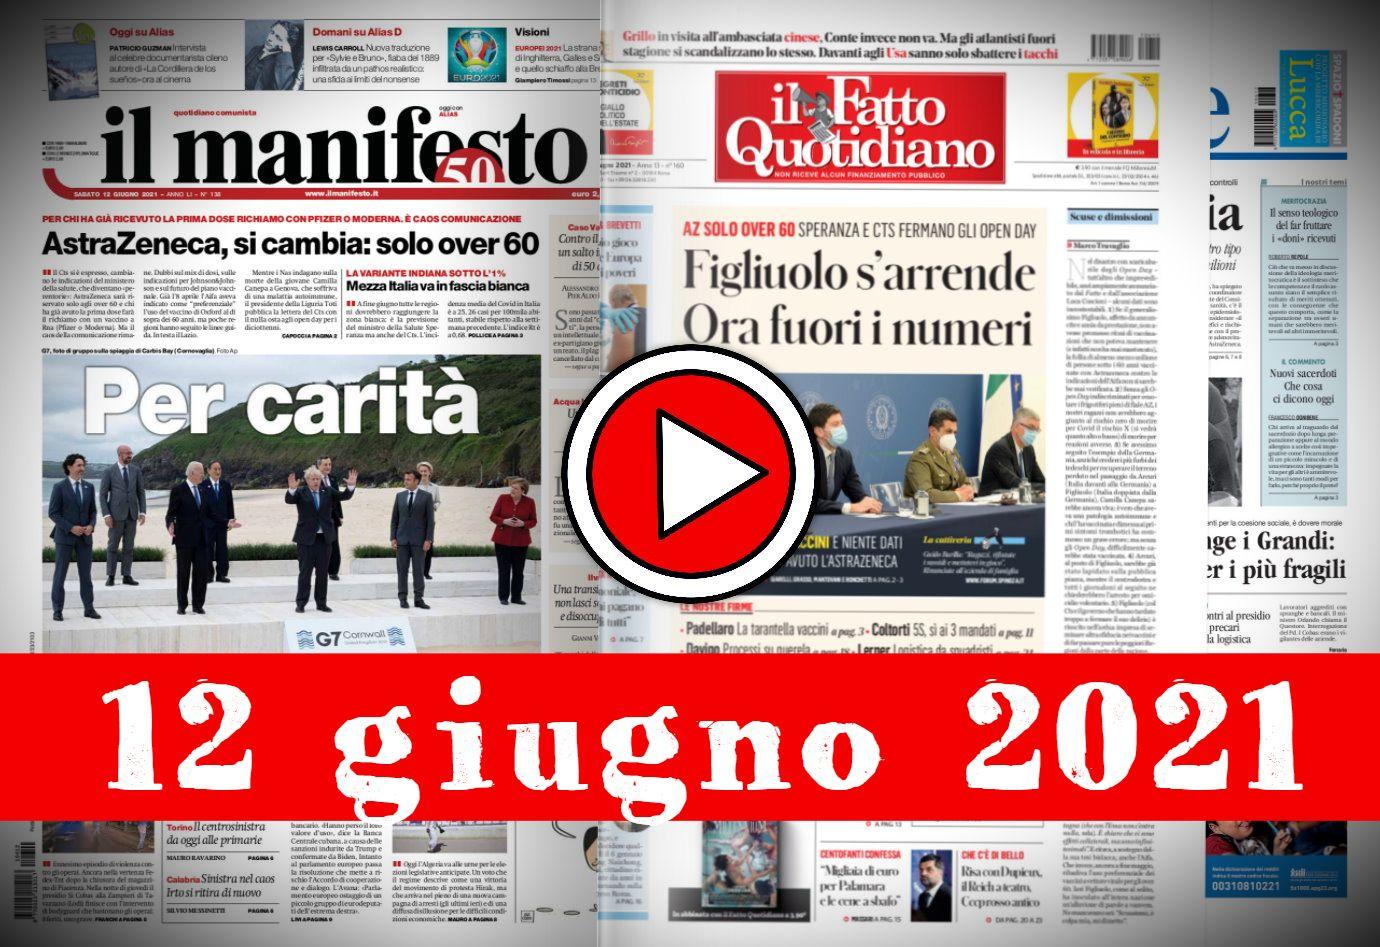 Rassegna stampa giornali in pdf prime pagine del 12 giugno 2021